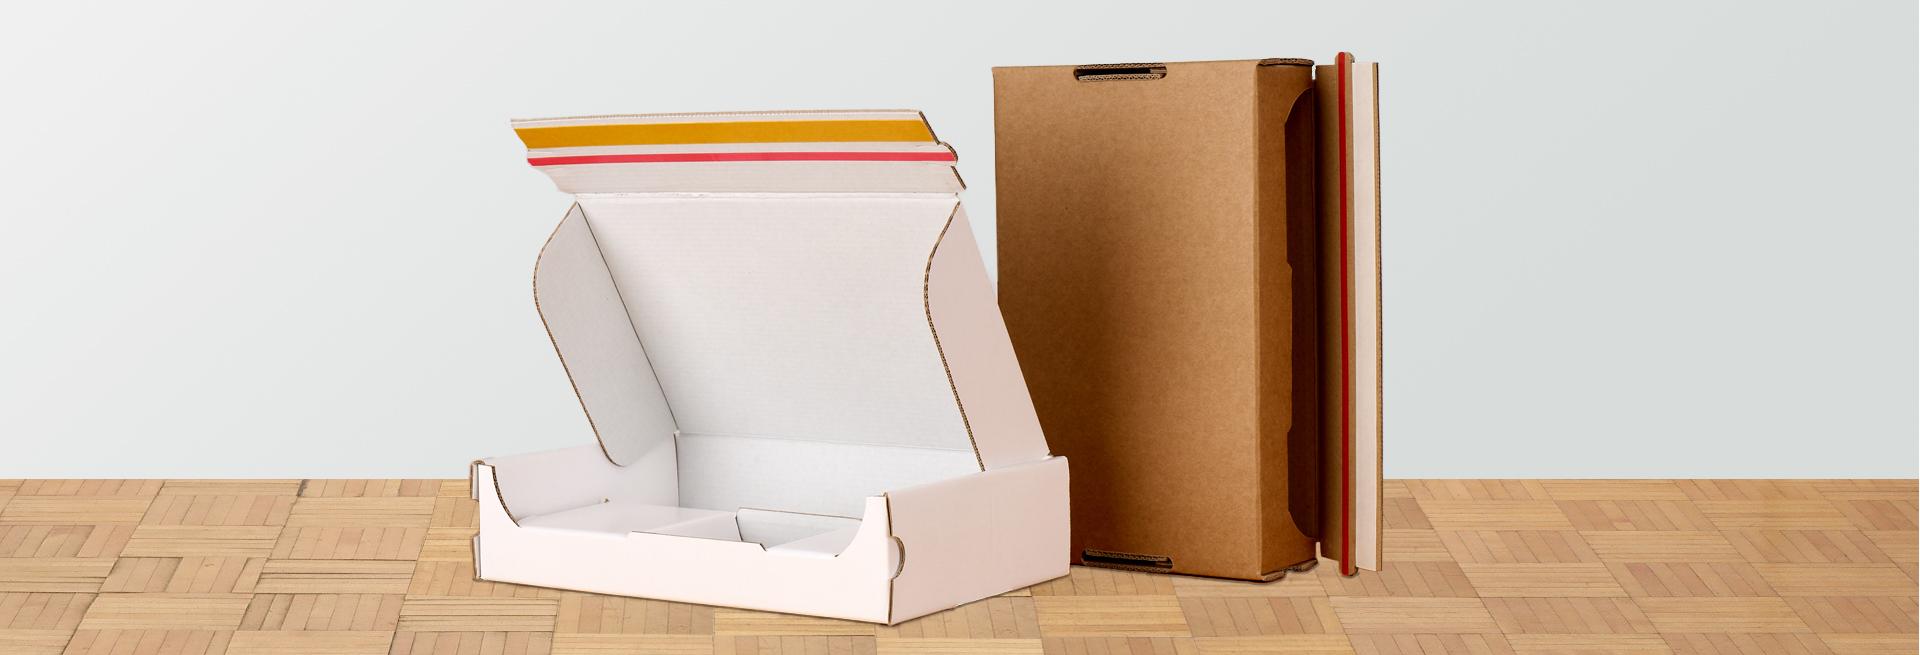 E-Commerce Verpackungen aus Wellpappe für den Online Versand